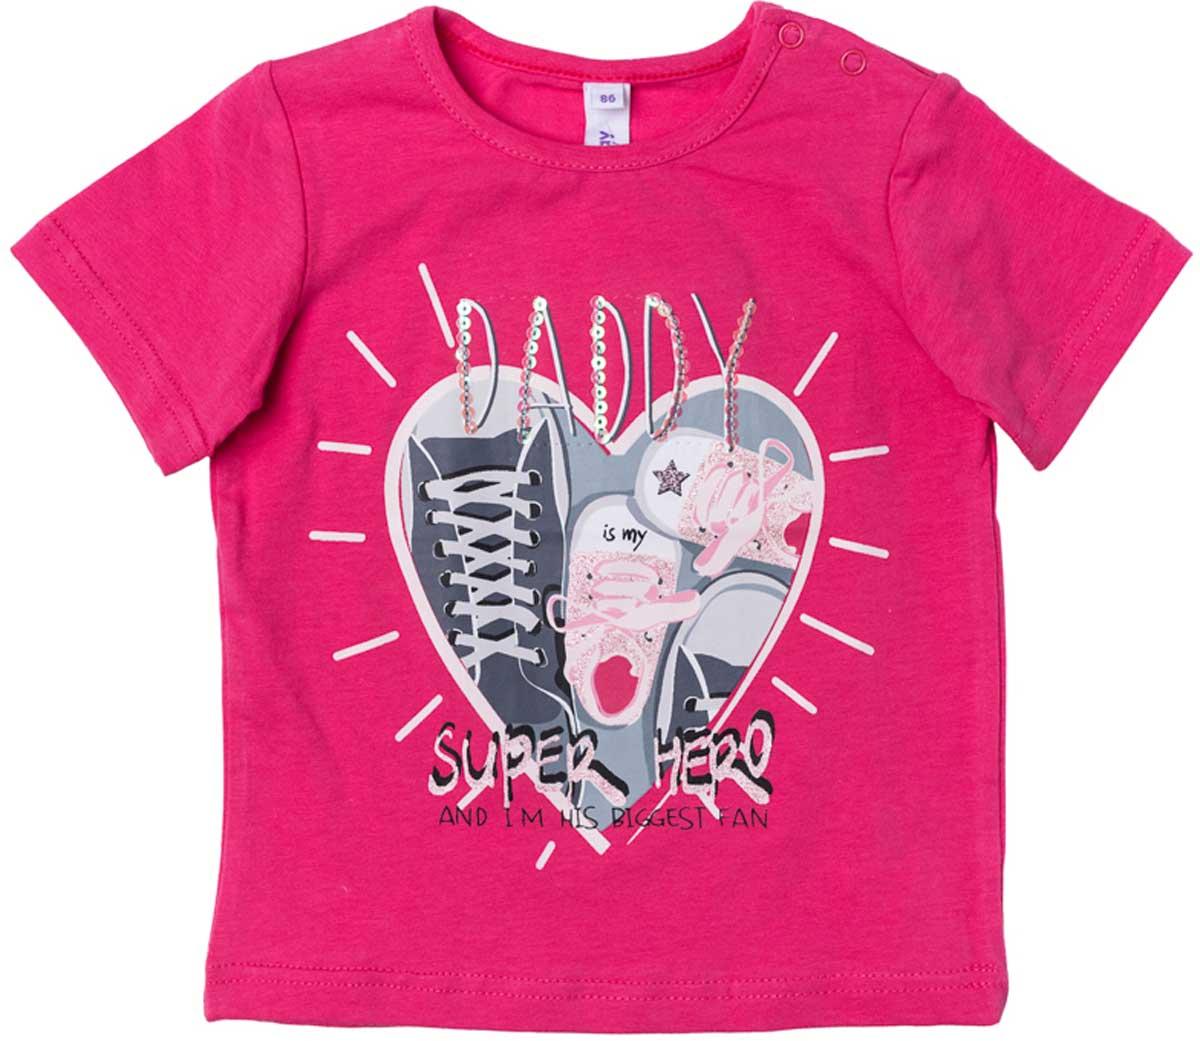 Фото Футболка для девочки PlayToday, цвет: розовый, темно-серый, светло-серый, белый. 178025. Размер 92. Купить  в РФ